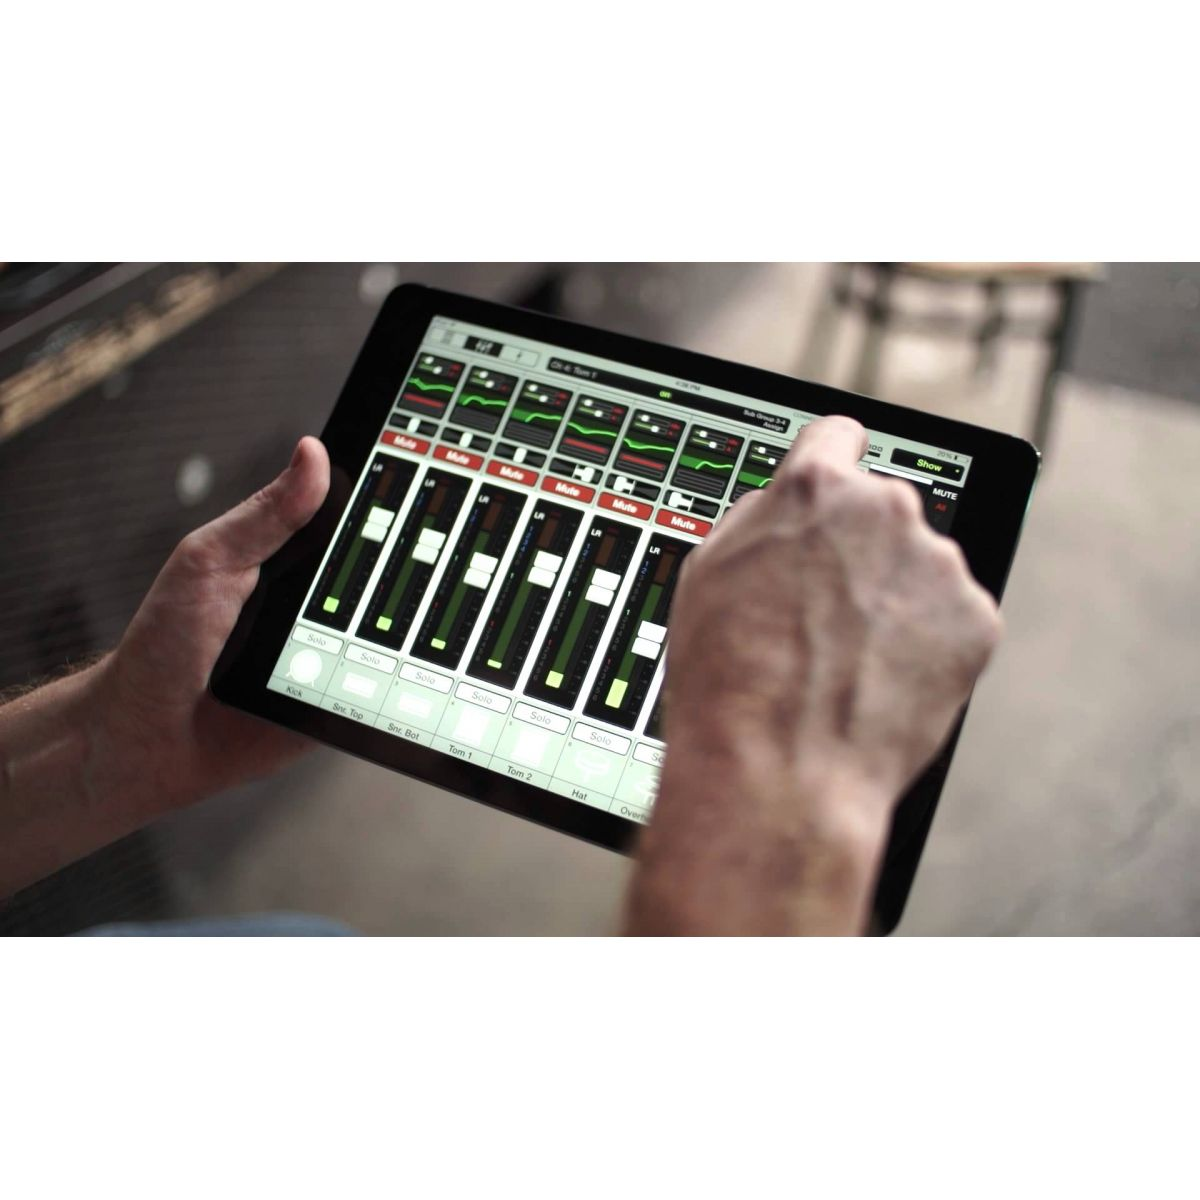 Mackie DL32r - Mixer digital com 32 canais